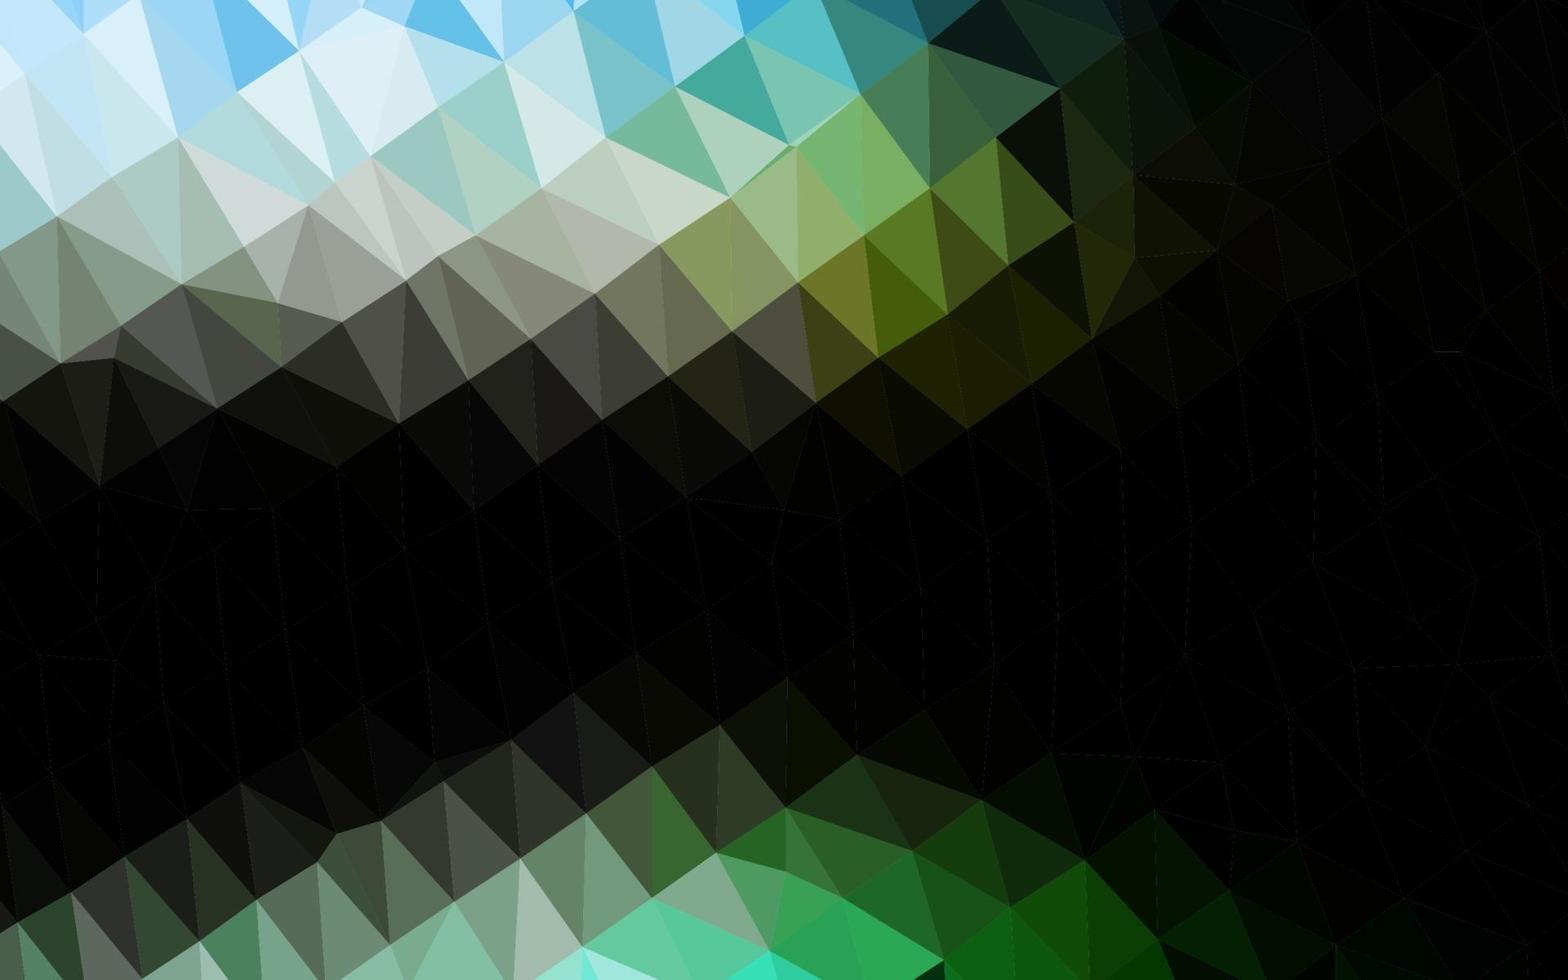 textura de triângulo embaçado vetor verde escuro.